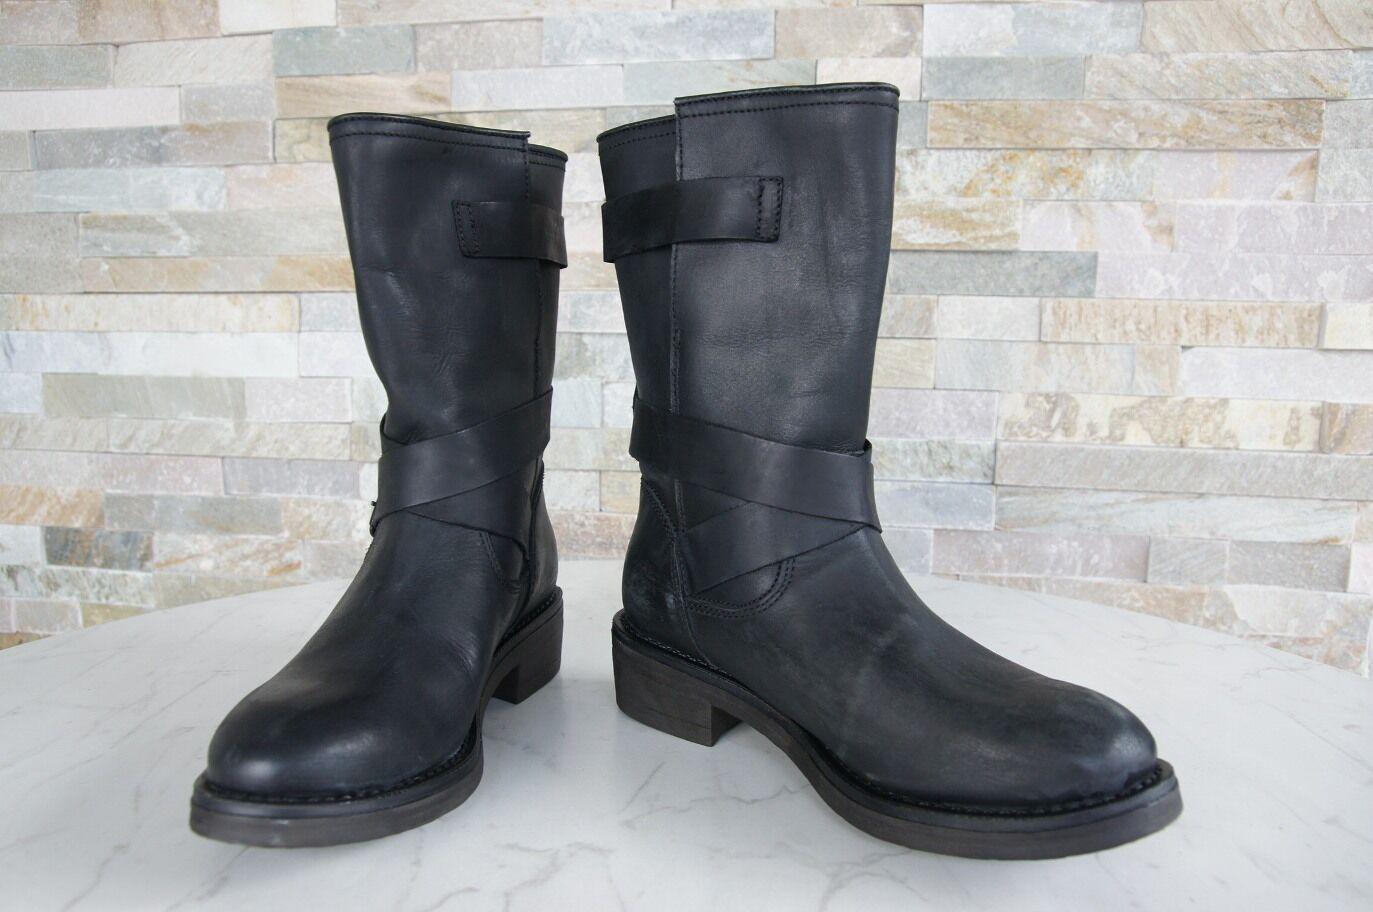 Napapijri Gr 36 Botines Botas Zapatos Maia Negras Negras Maia Nueva ae8d3a